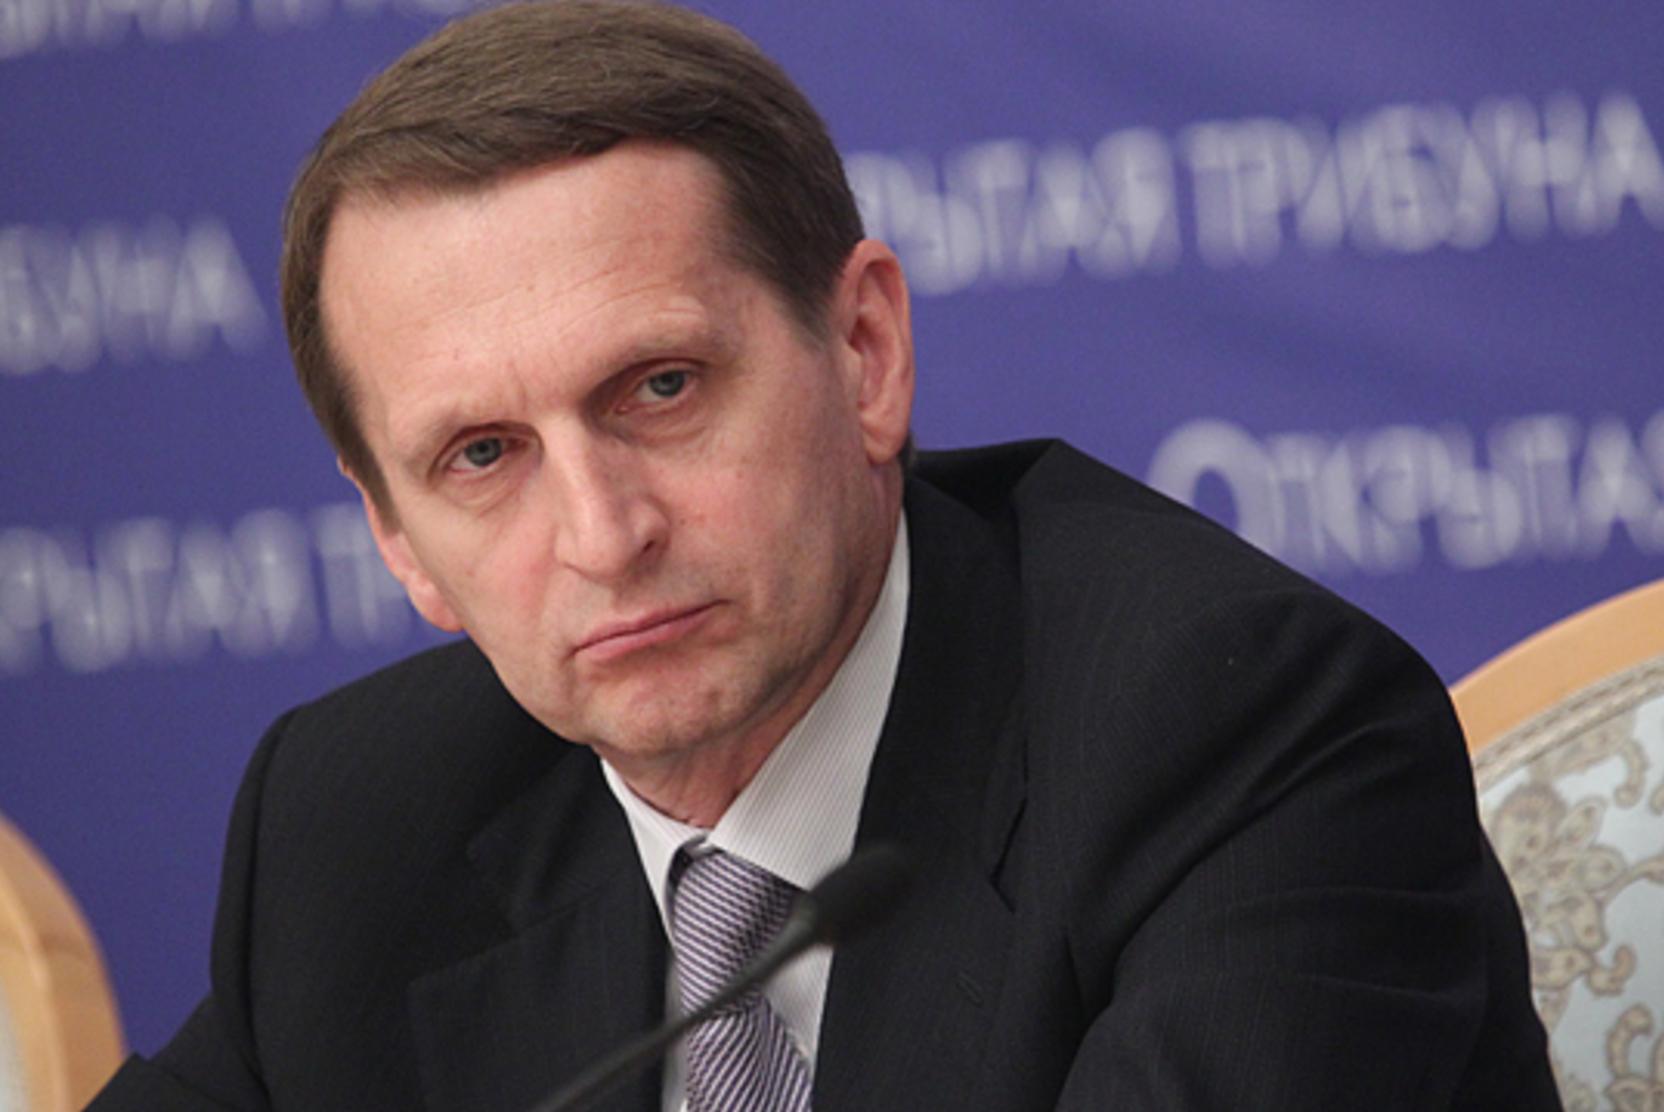 Нарышкин прояснил отношение Европы к задержанию россиян в Белоруссии